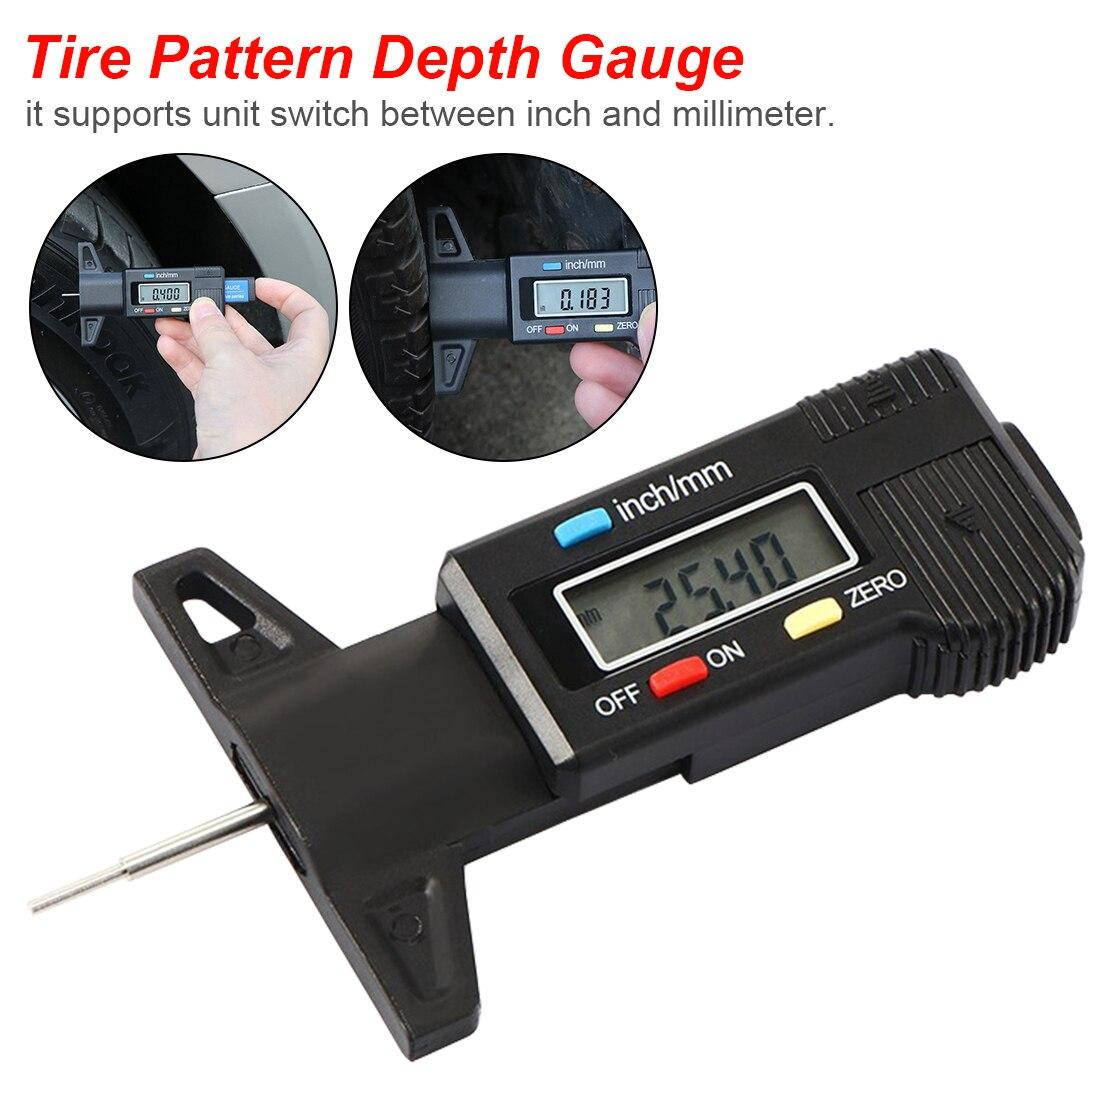 Цифровой глубиномер суппорт Глубина протектора глубиномер ЖК-дисплей протектора шины манометр для автомобильных шин 0-25 мм измеритель инст...